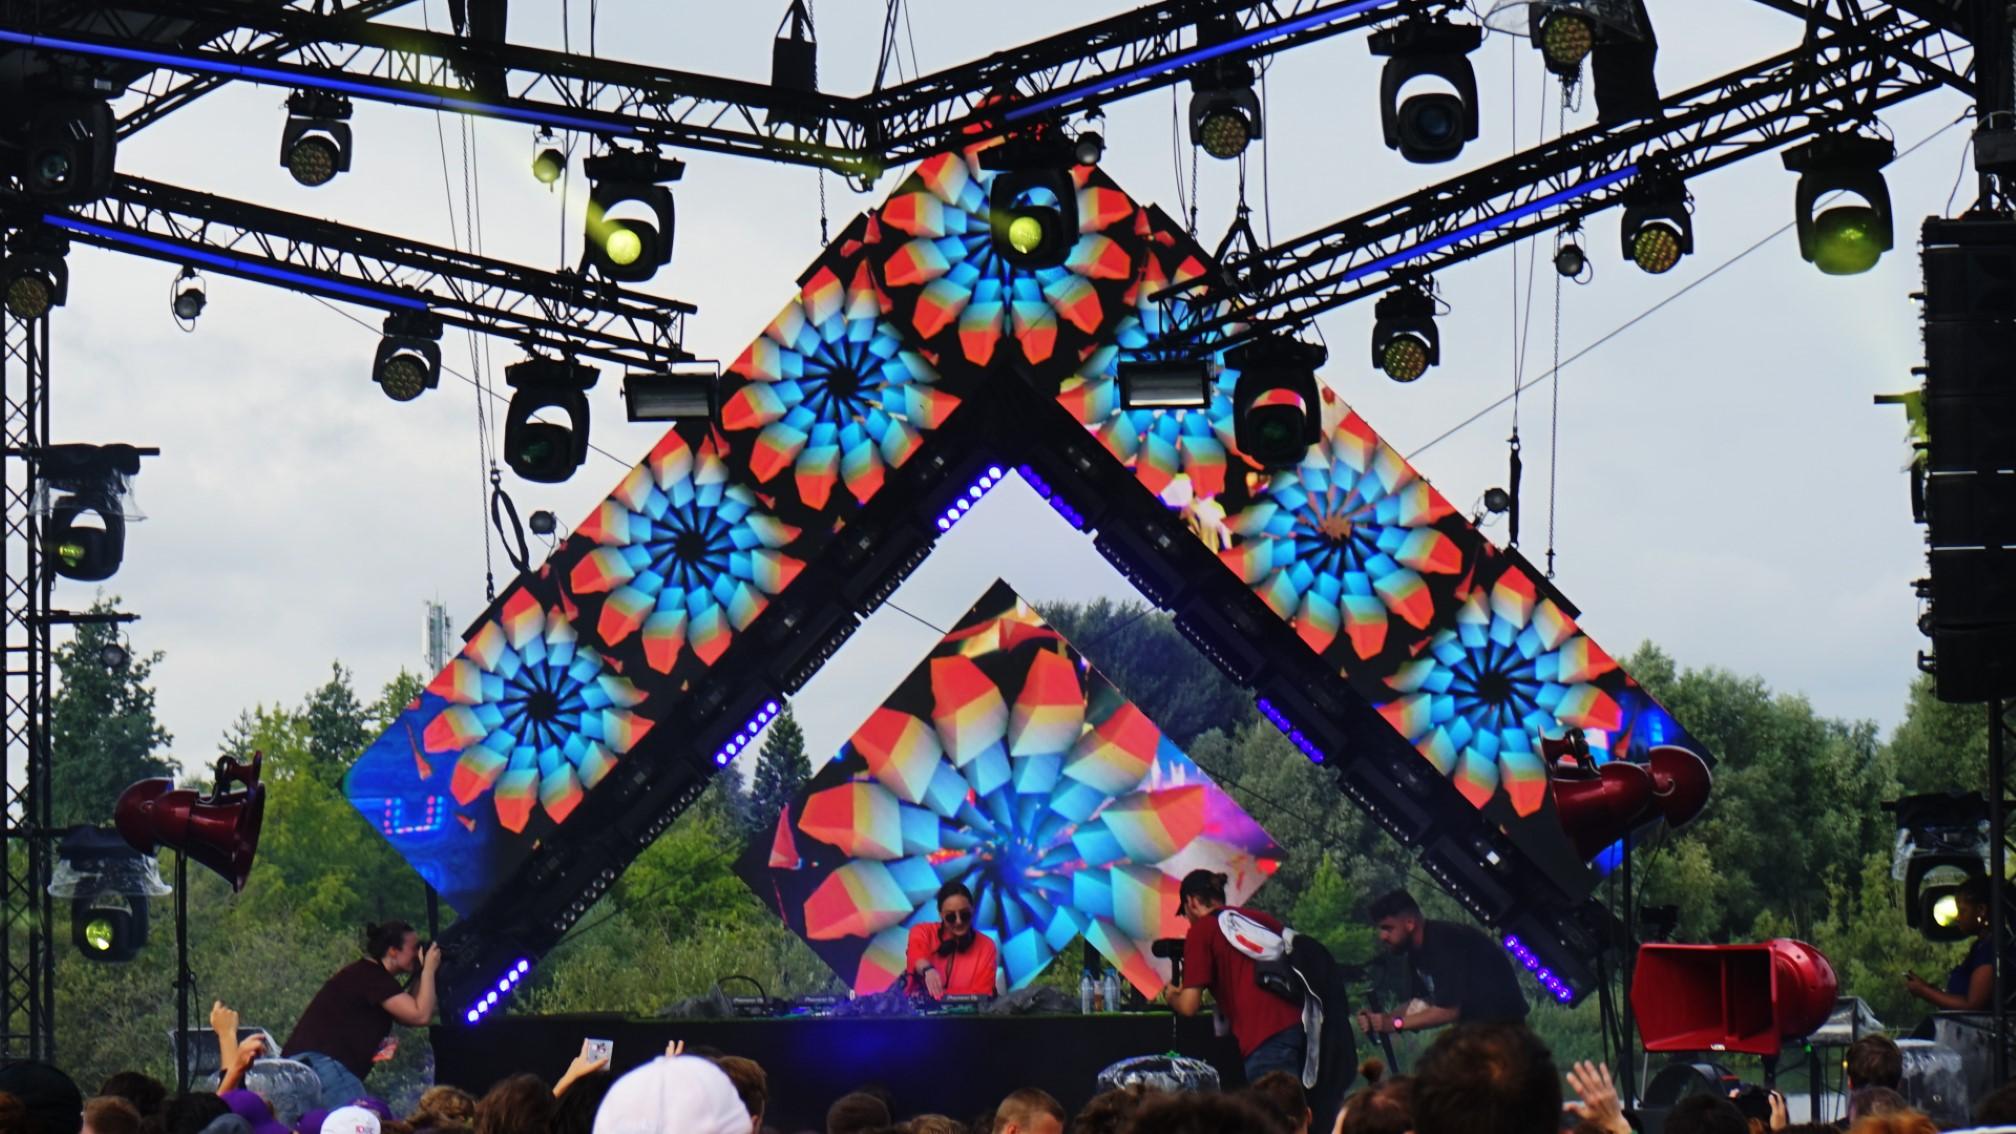 Plein_Air_Festival_Purpurea_-6